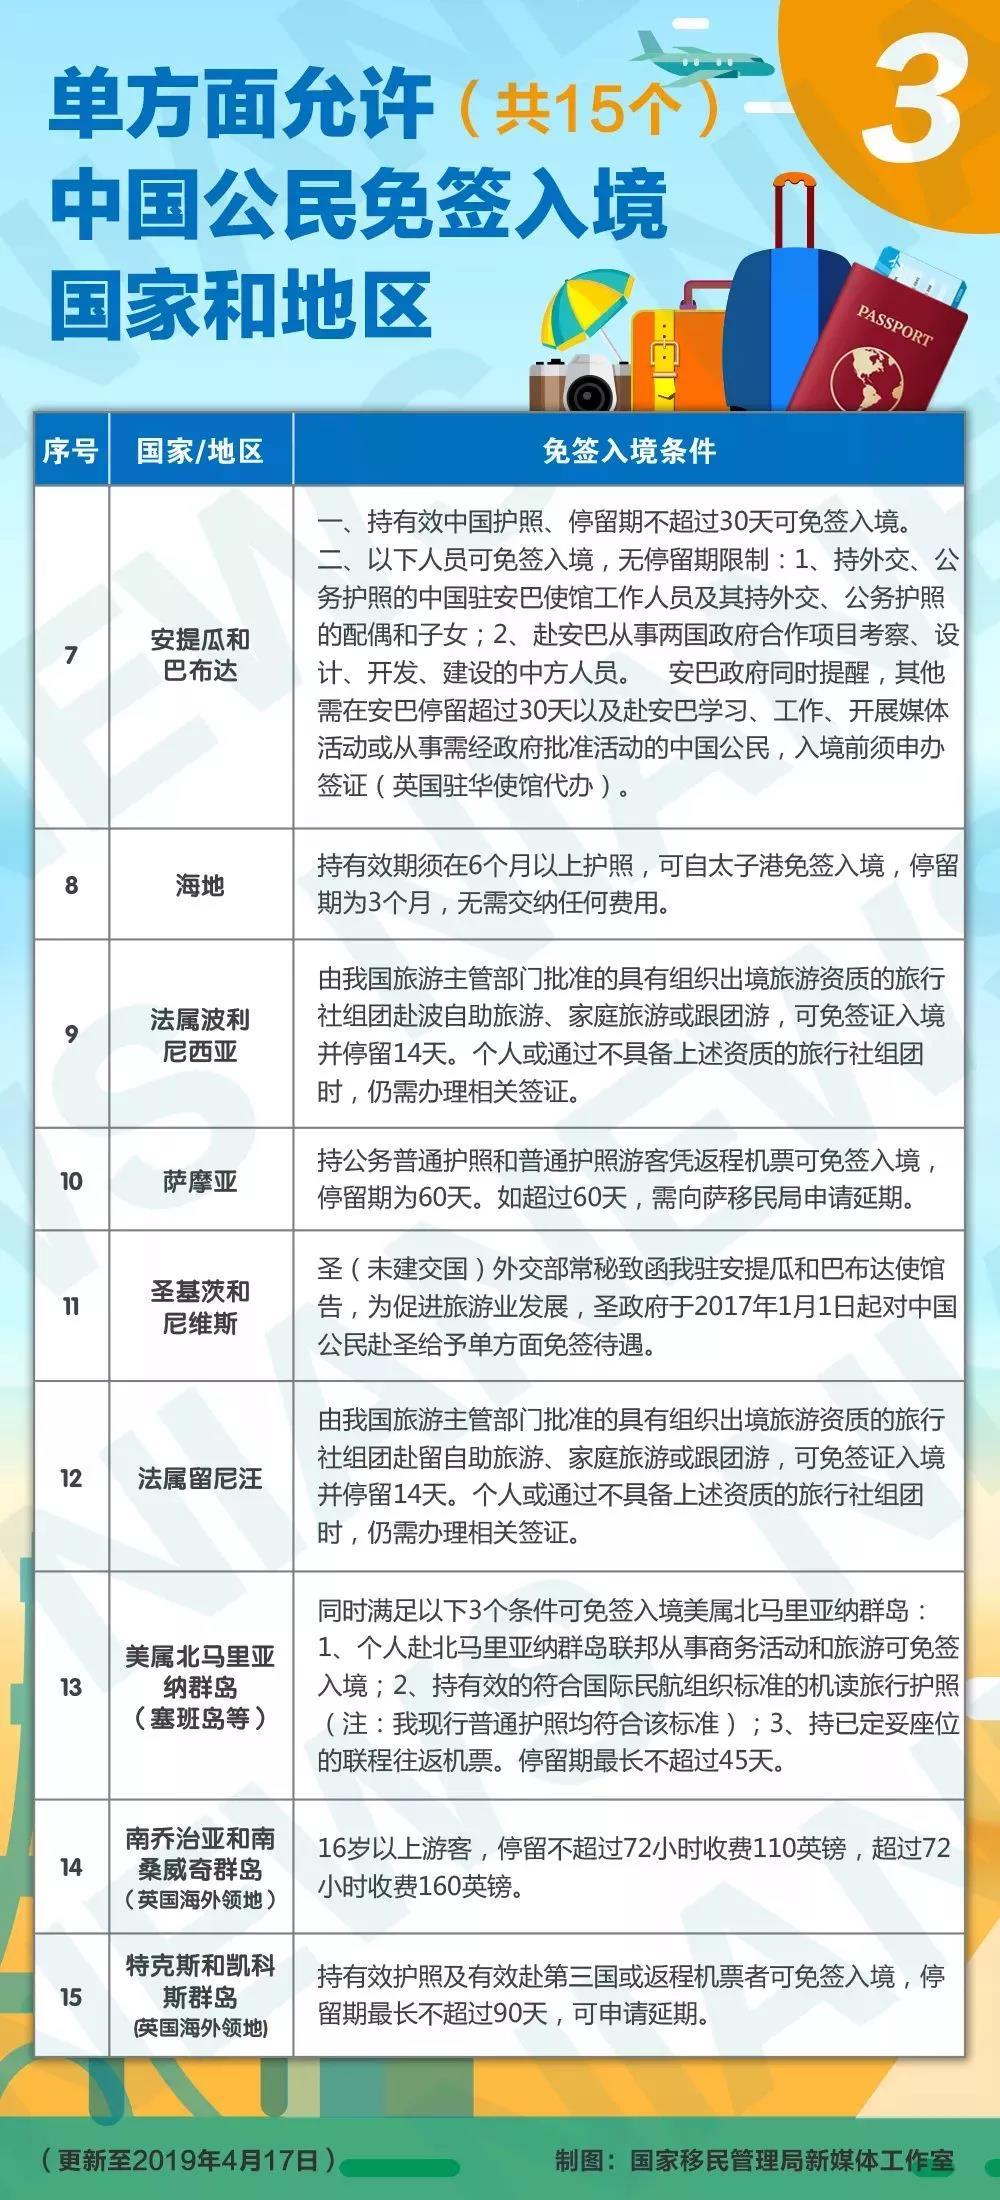 2019中国普通护照免签、落地签国家和地区一